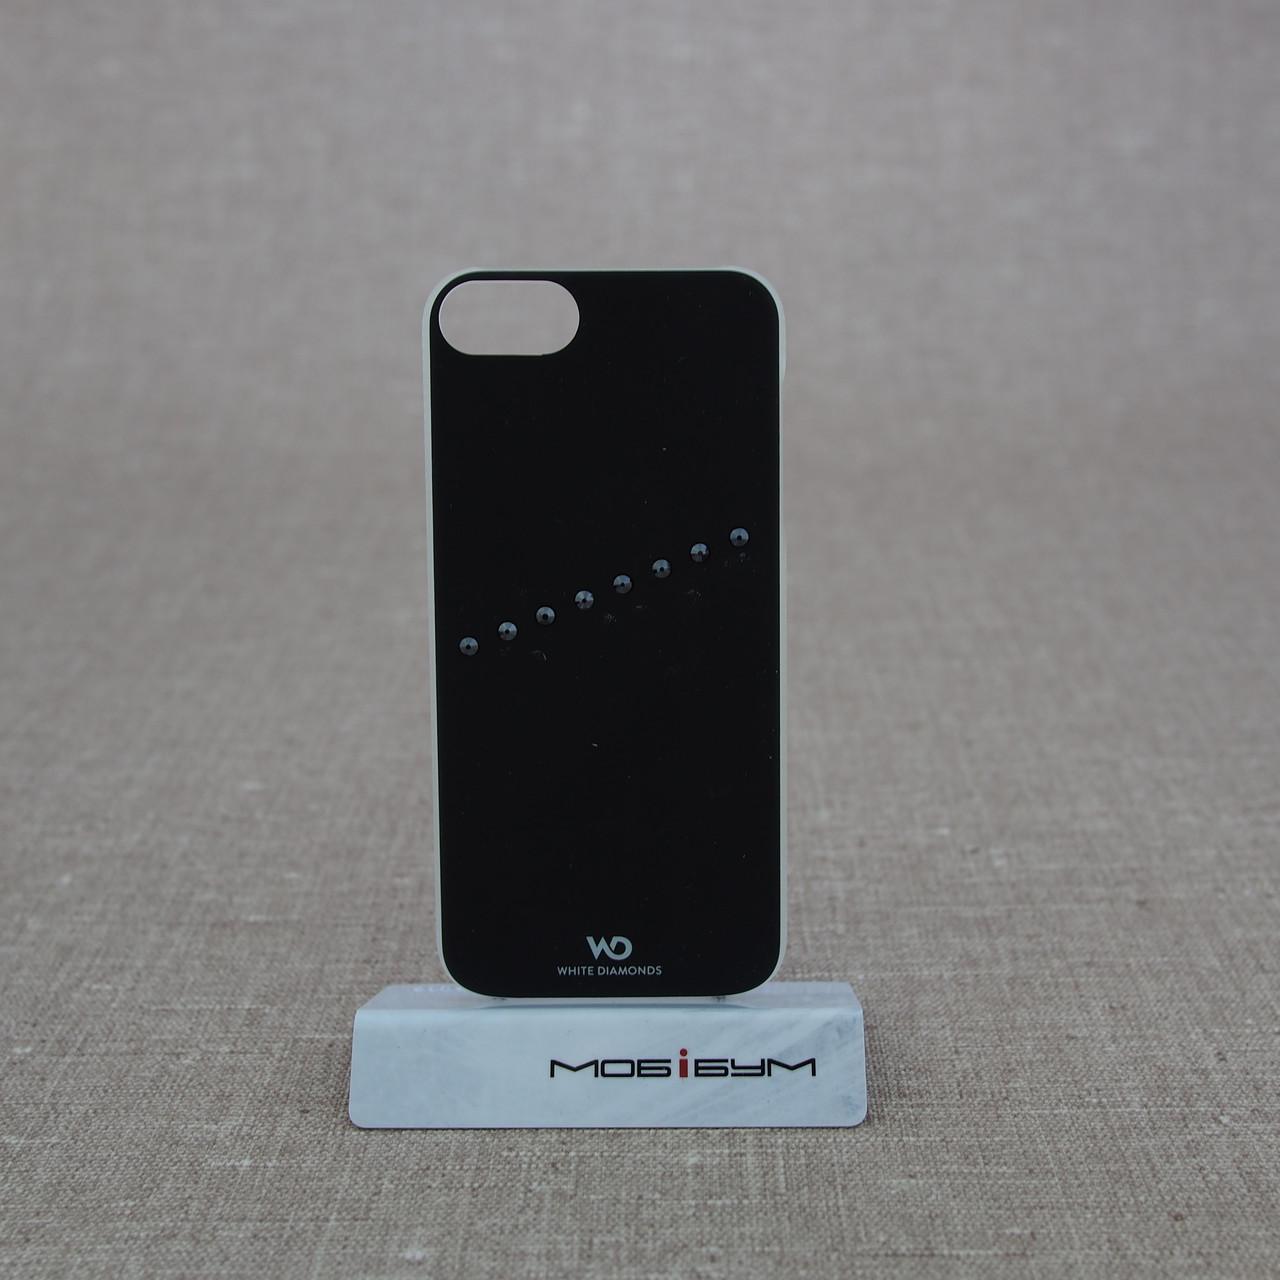 Чохол White Diamonds iPhone 5s / SE Sash black EAN / UPC: 426023763144